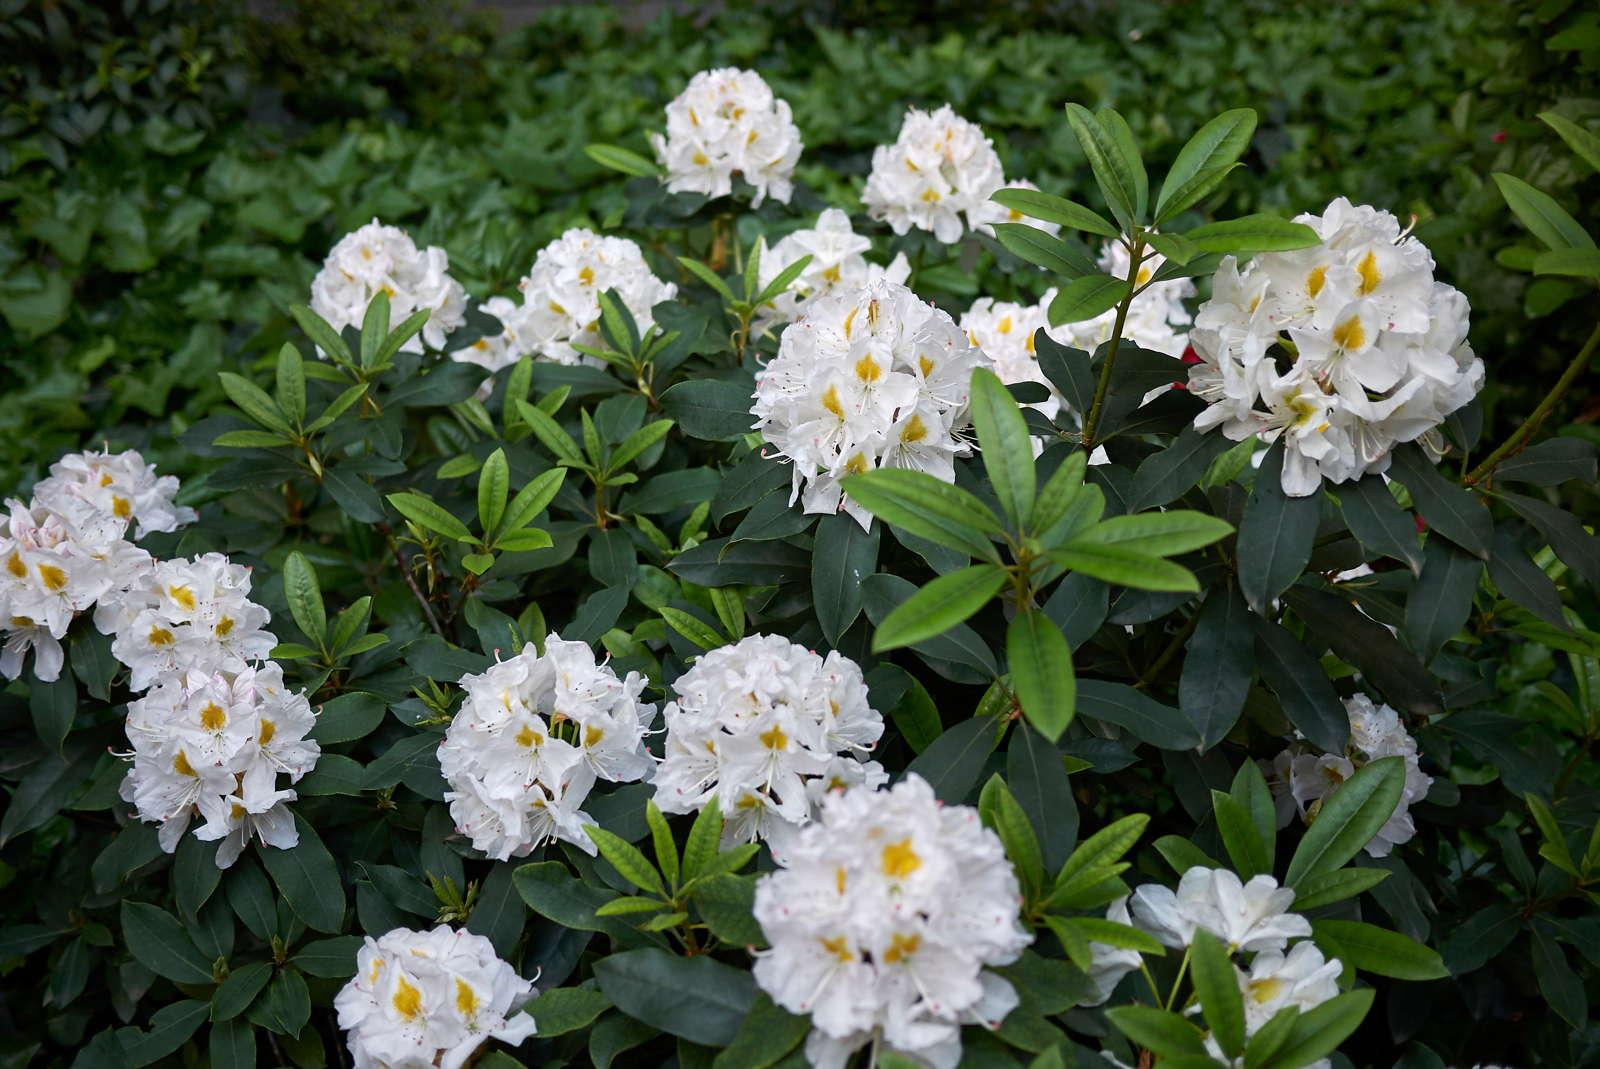 Häufig Rhododendron umpflanzen: Standort, Tipps & Anleitung - Plantura VG38